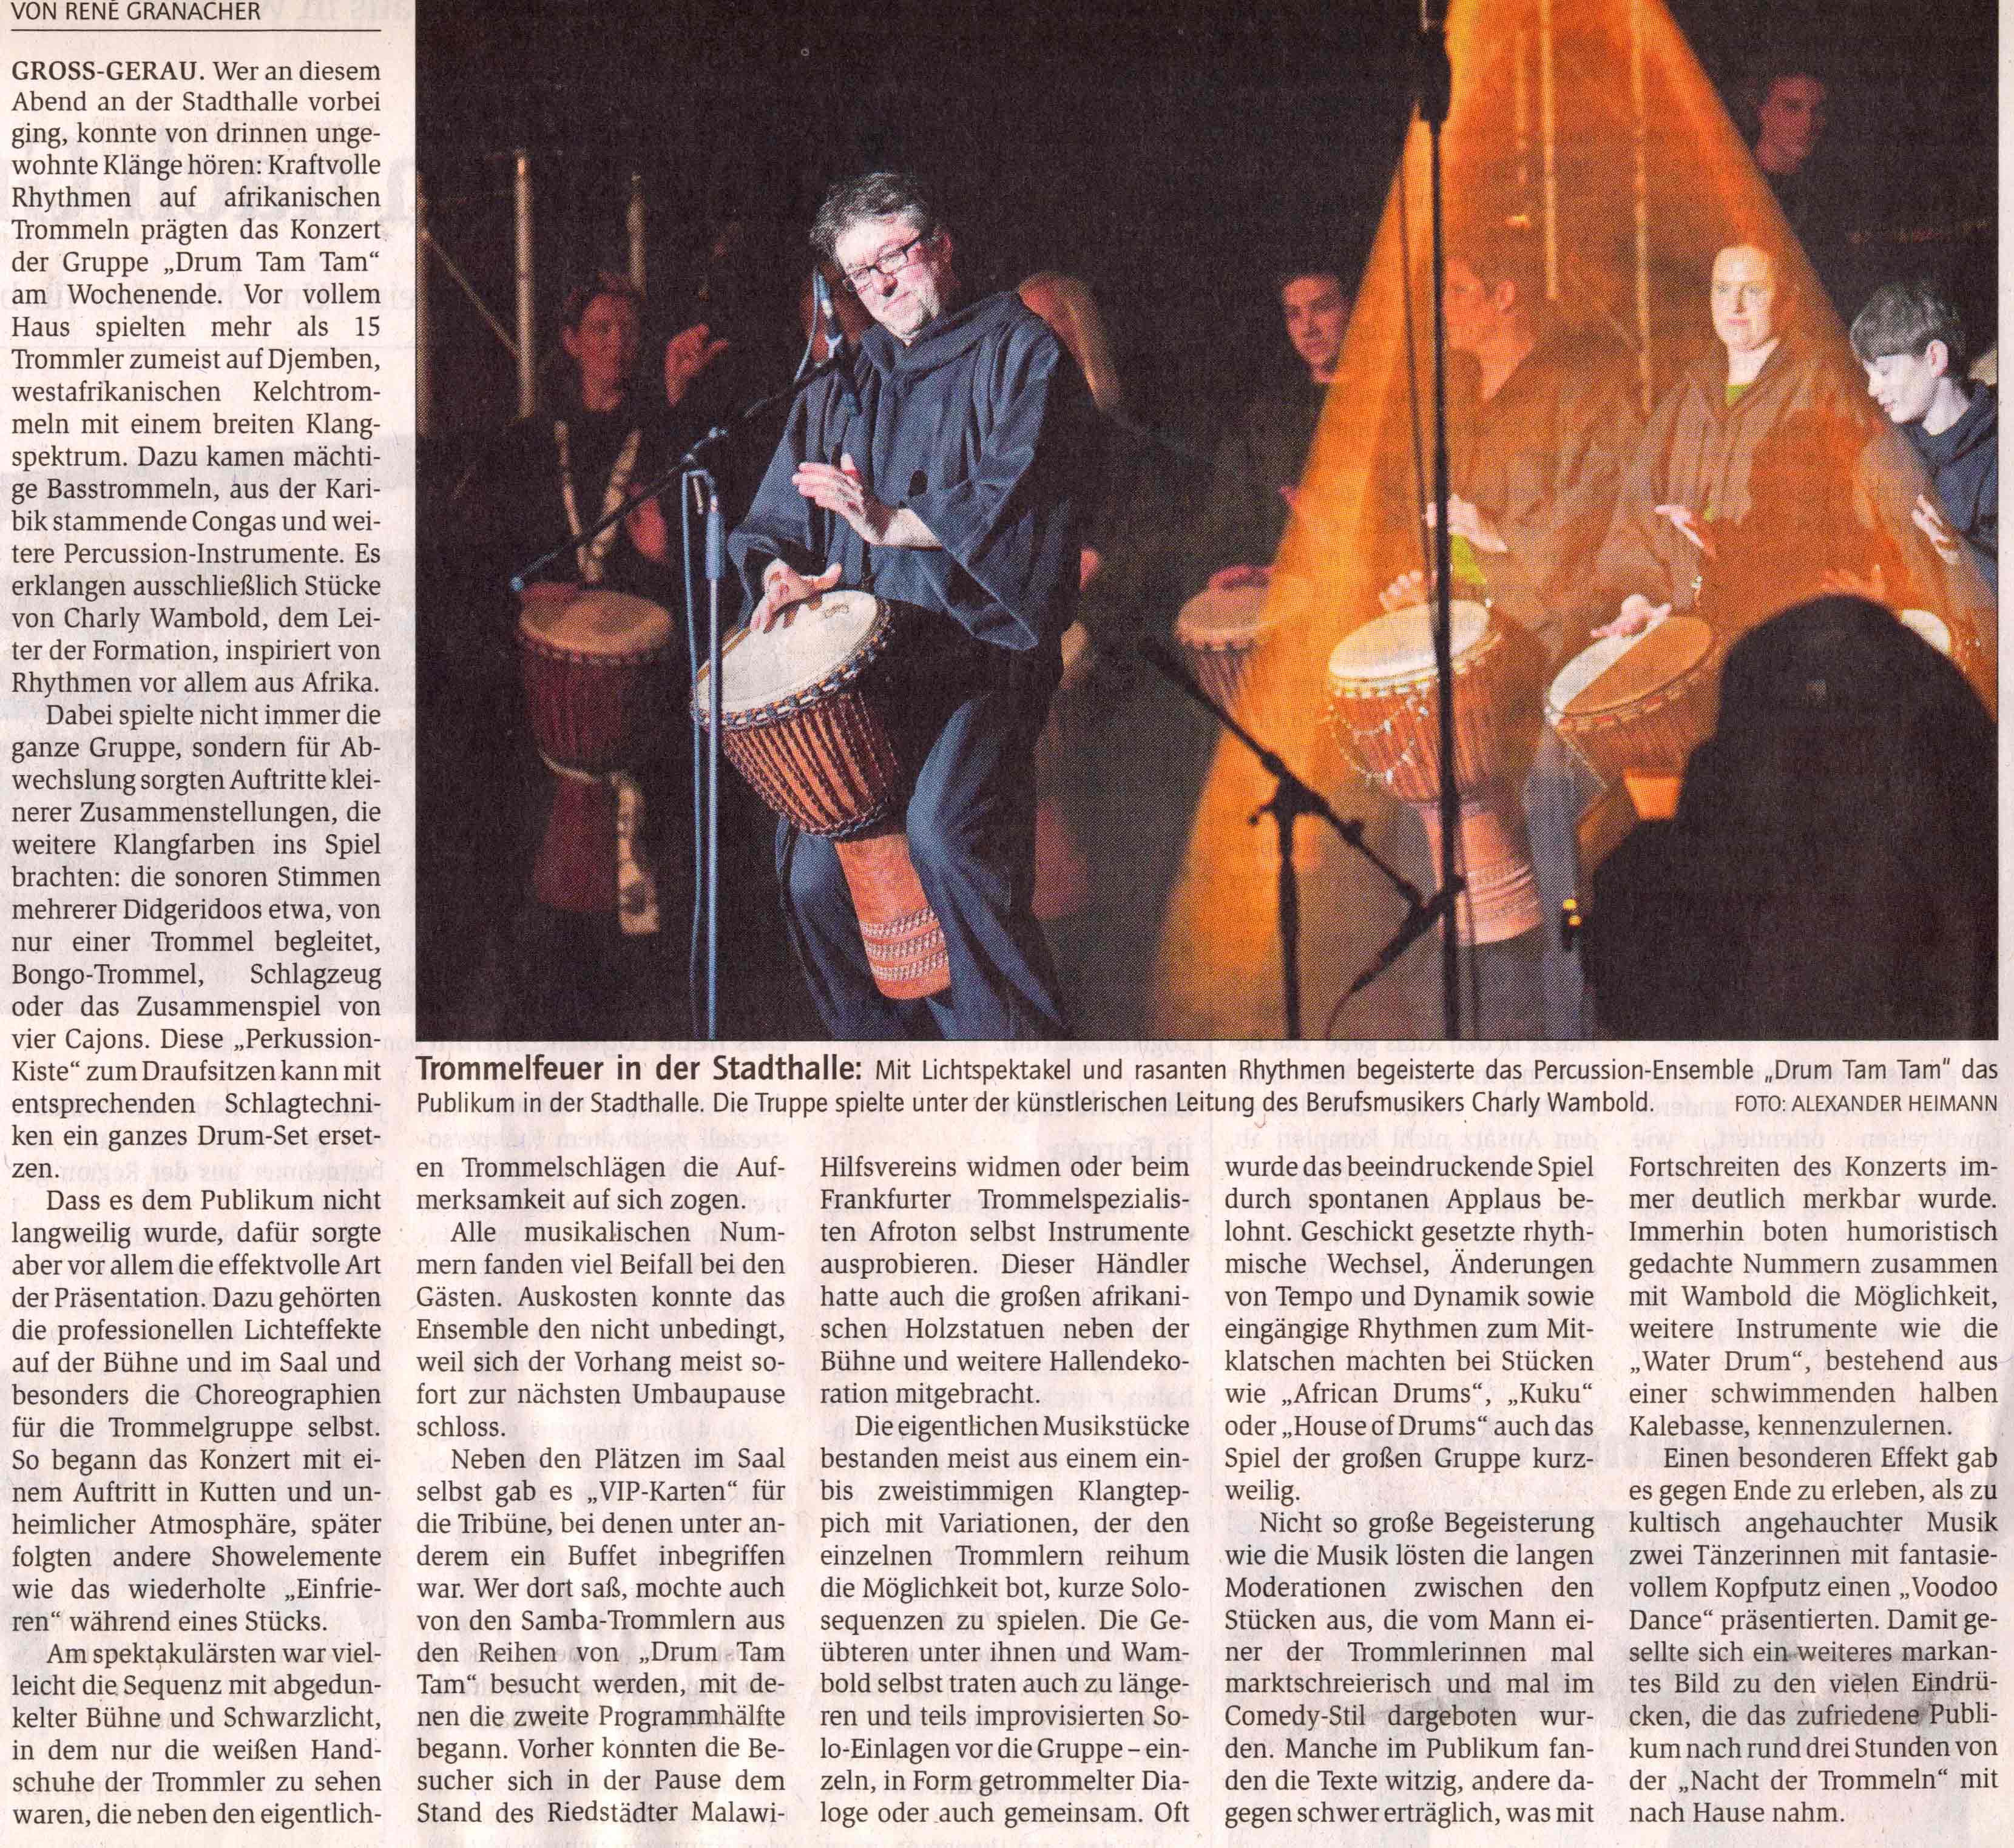 Konzert_2010-Gross-Gerauer Echo